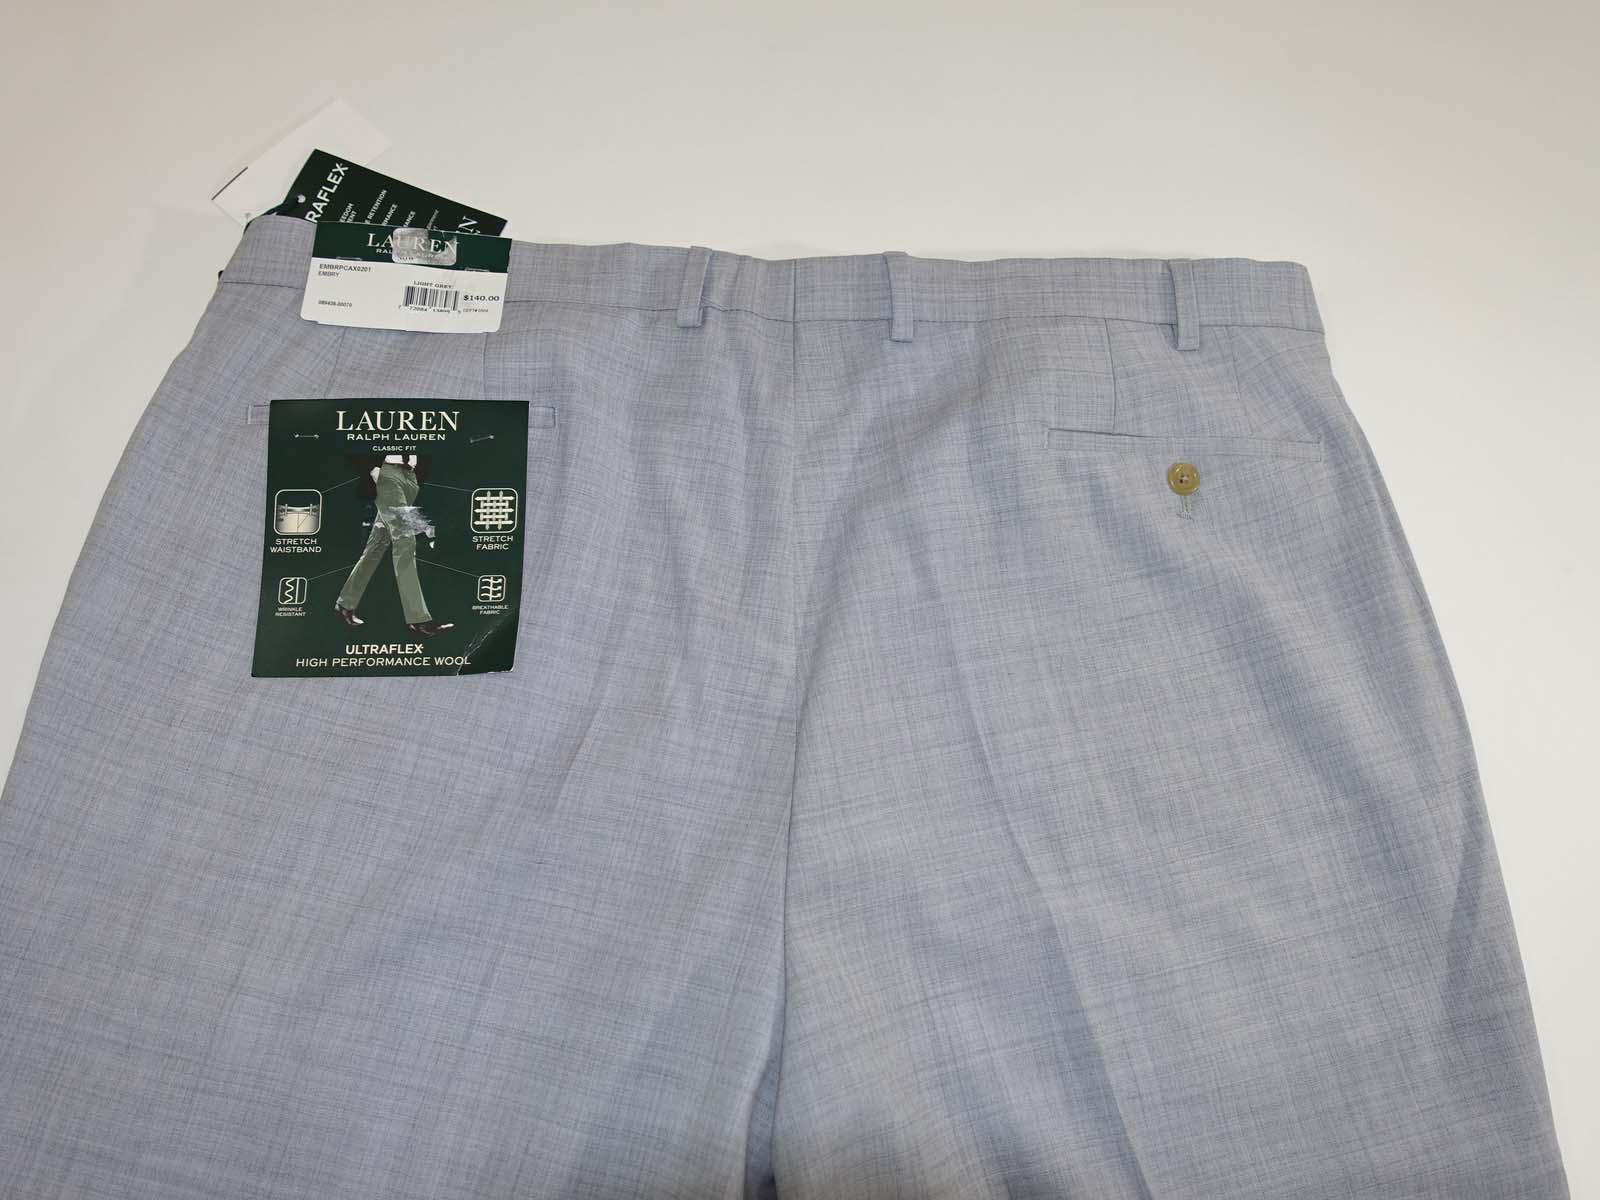 Lauren Ralph Lauren Ultraflex Dress Pants 36 x 34 NWT Light Gray Wool Slacks LRL